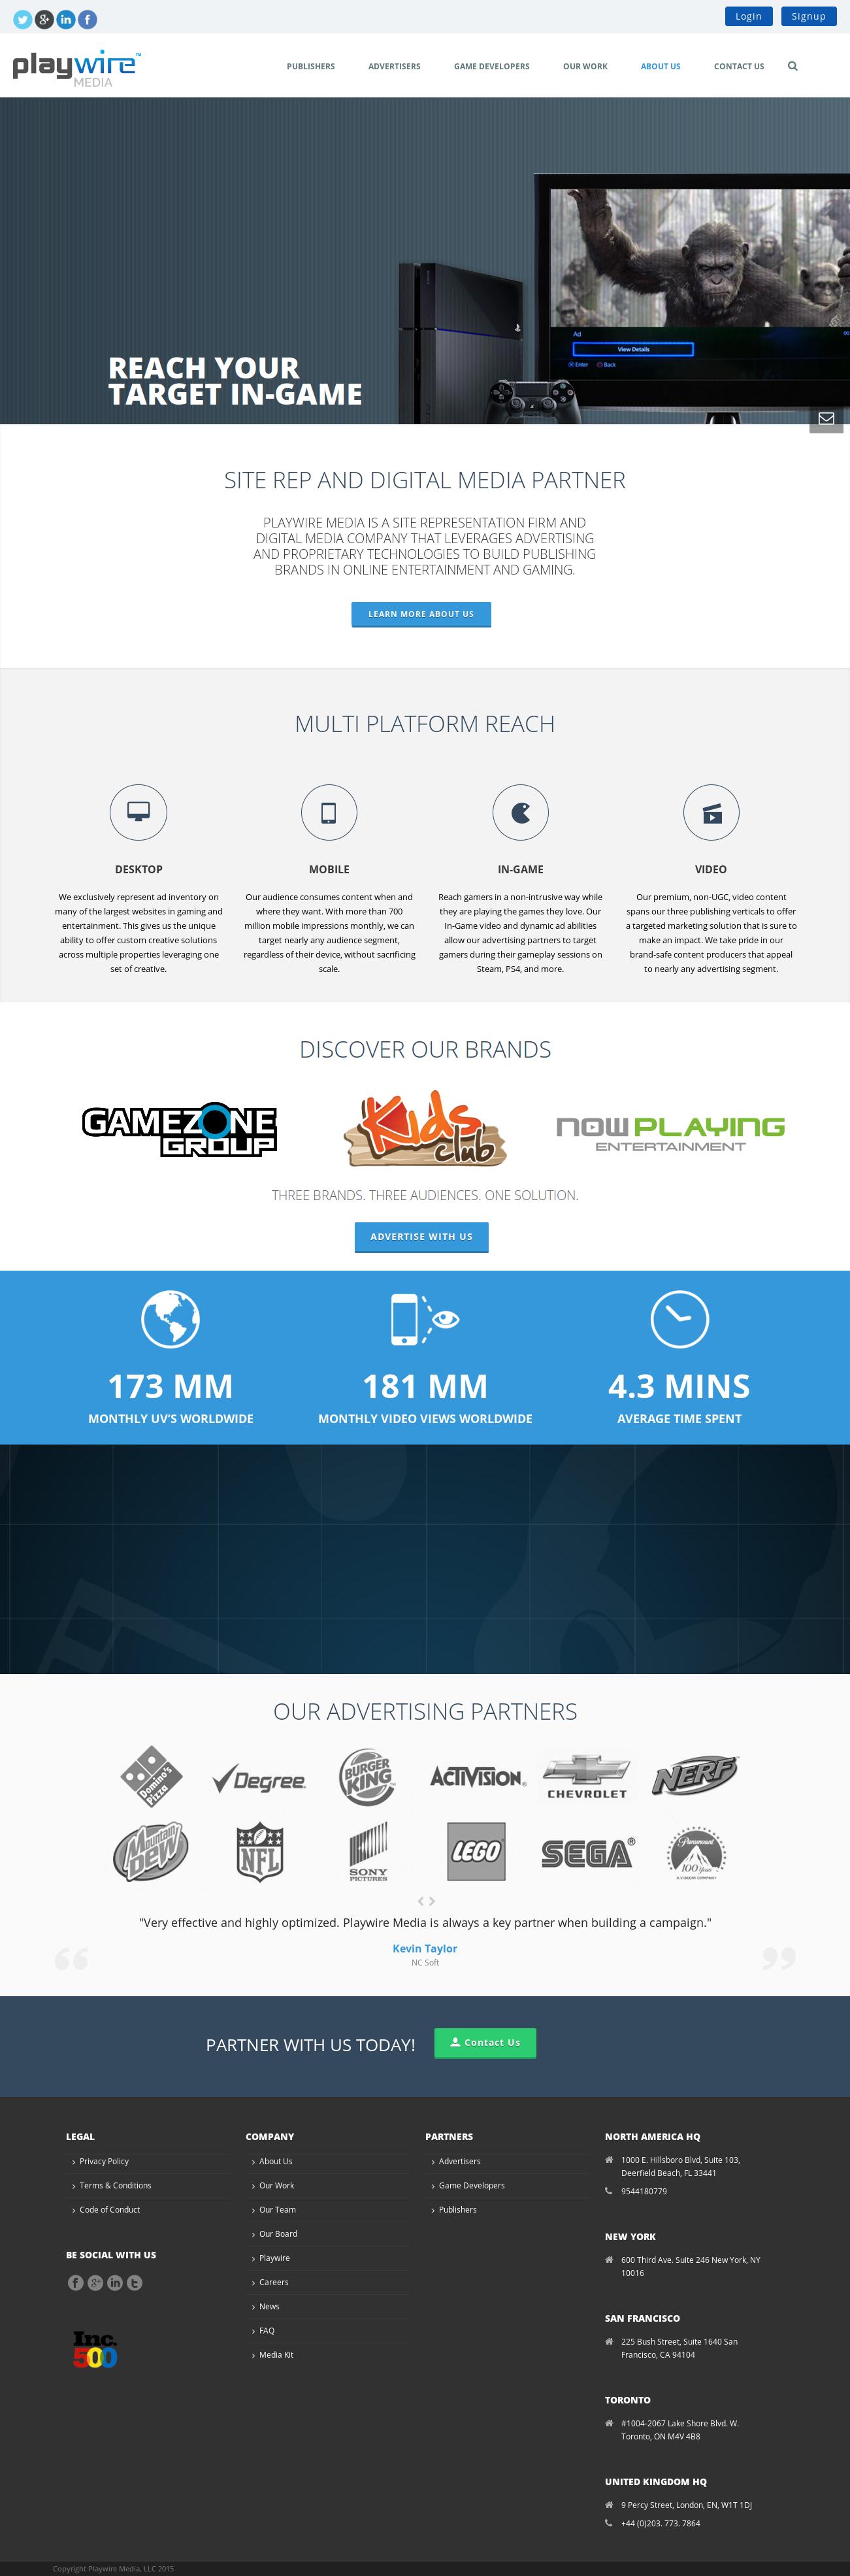 playwiremedia_screenshot